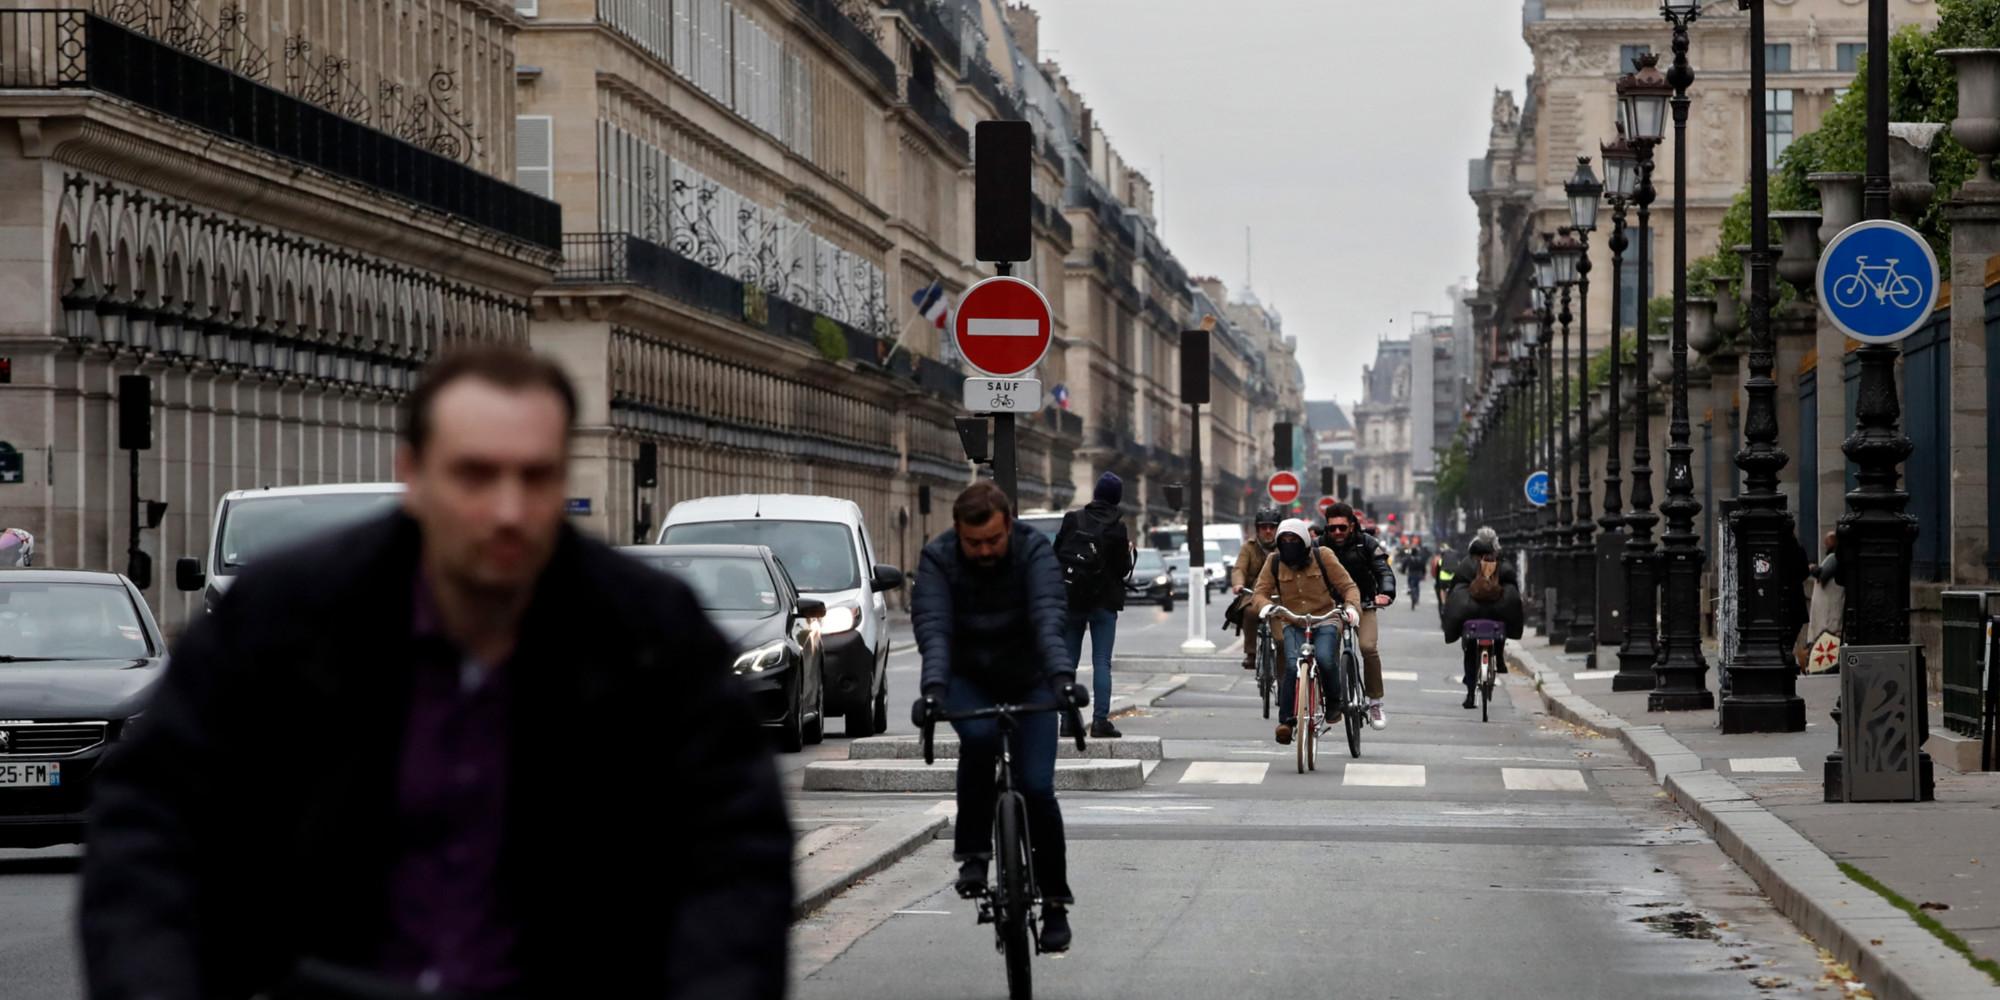 Sécurité routière : bientôt un radar dans les rues pour détecter les risques de collision ?